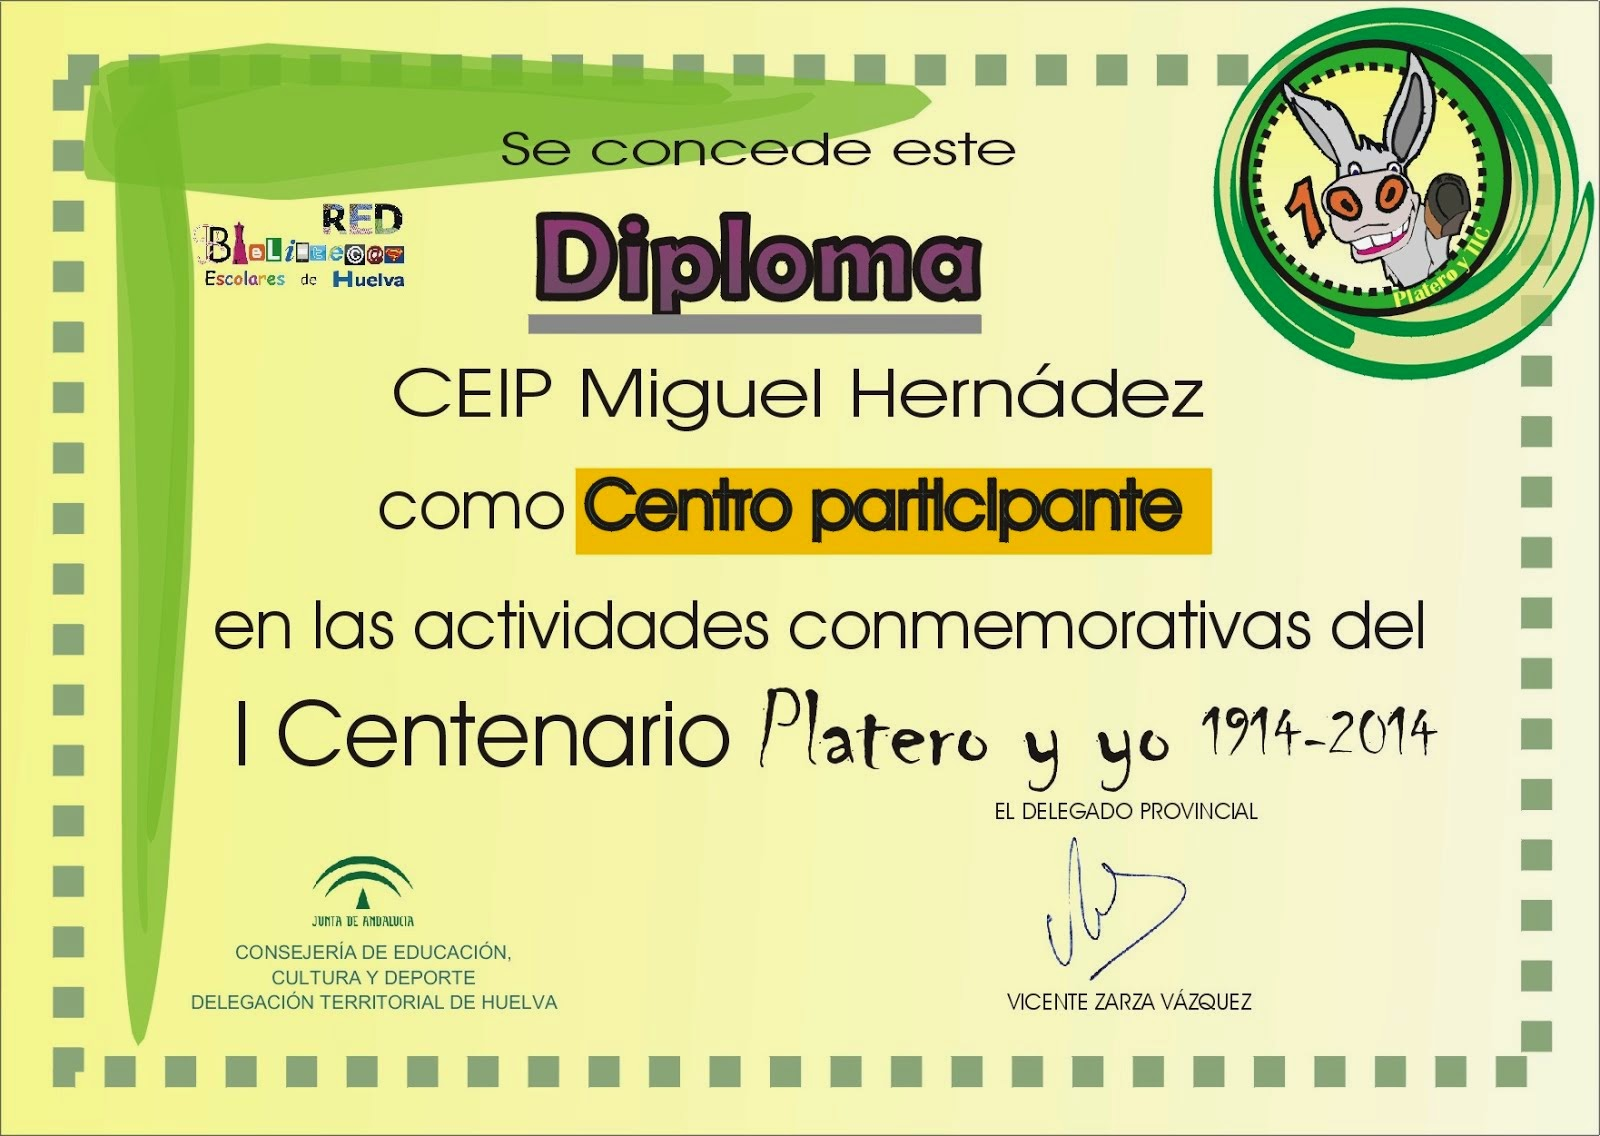 Diploma concedido por la Consejería de Educación de la Junta de Andalucía